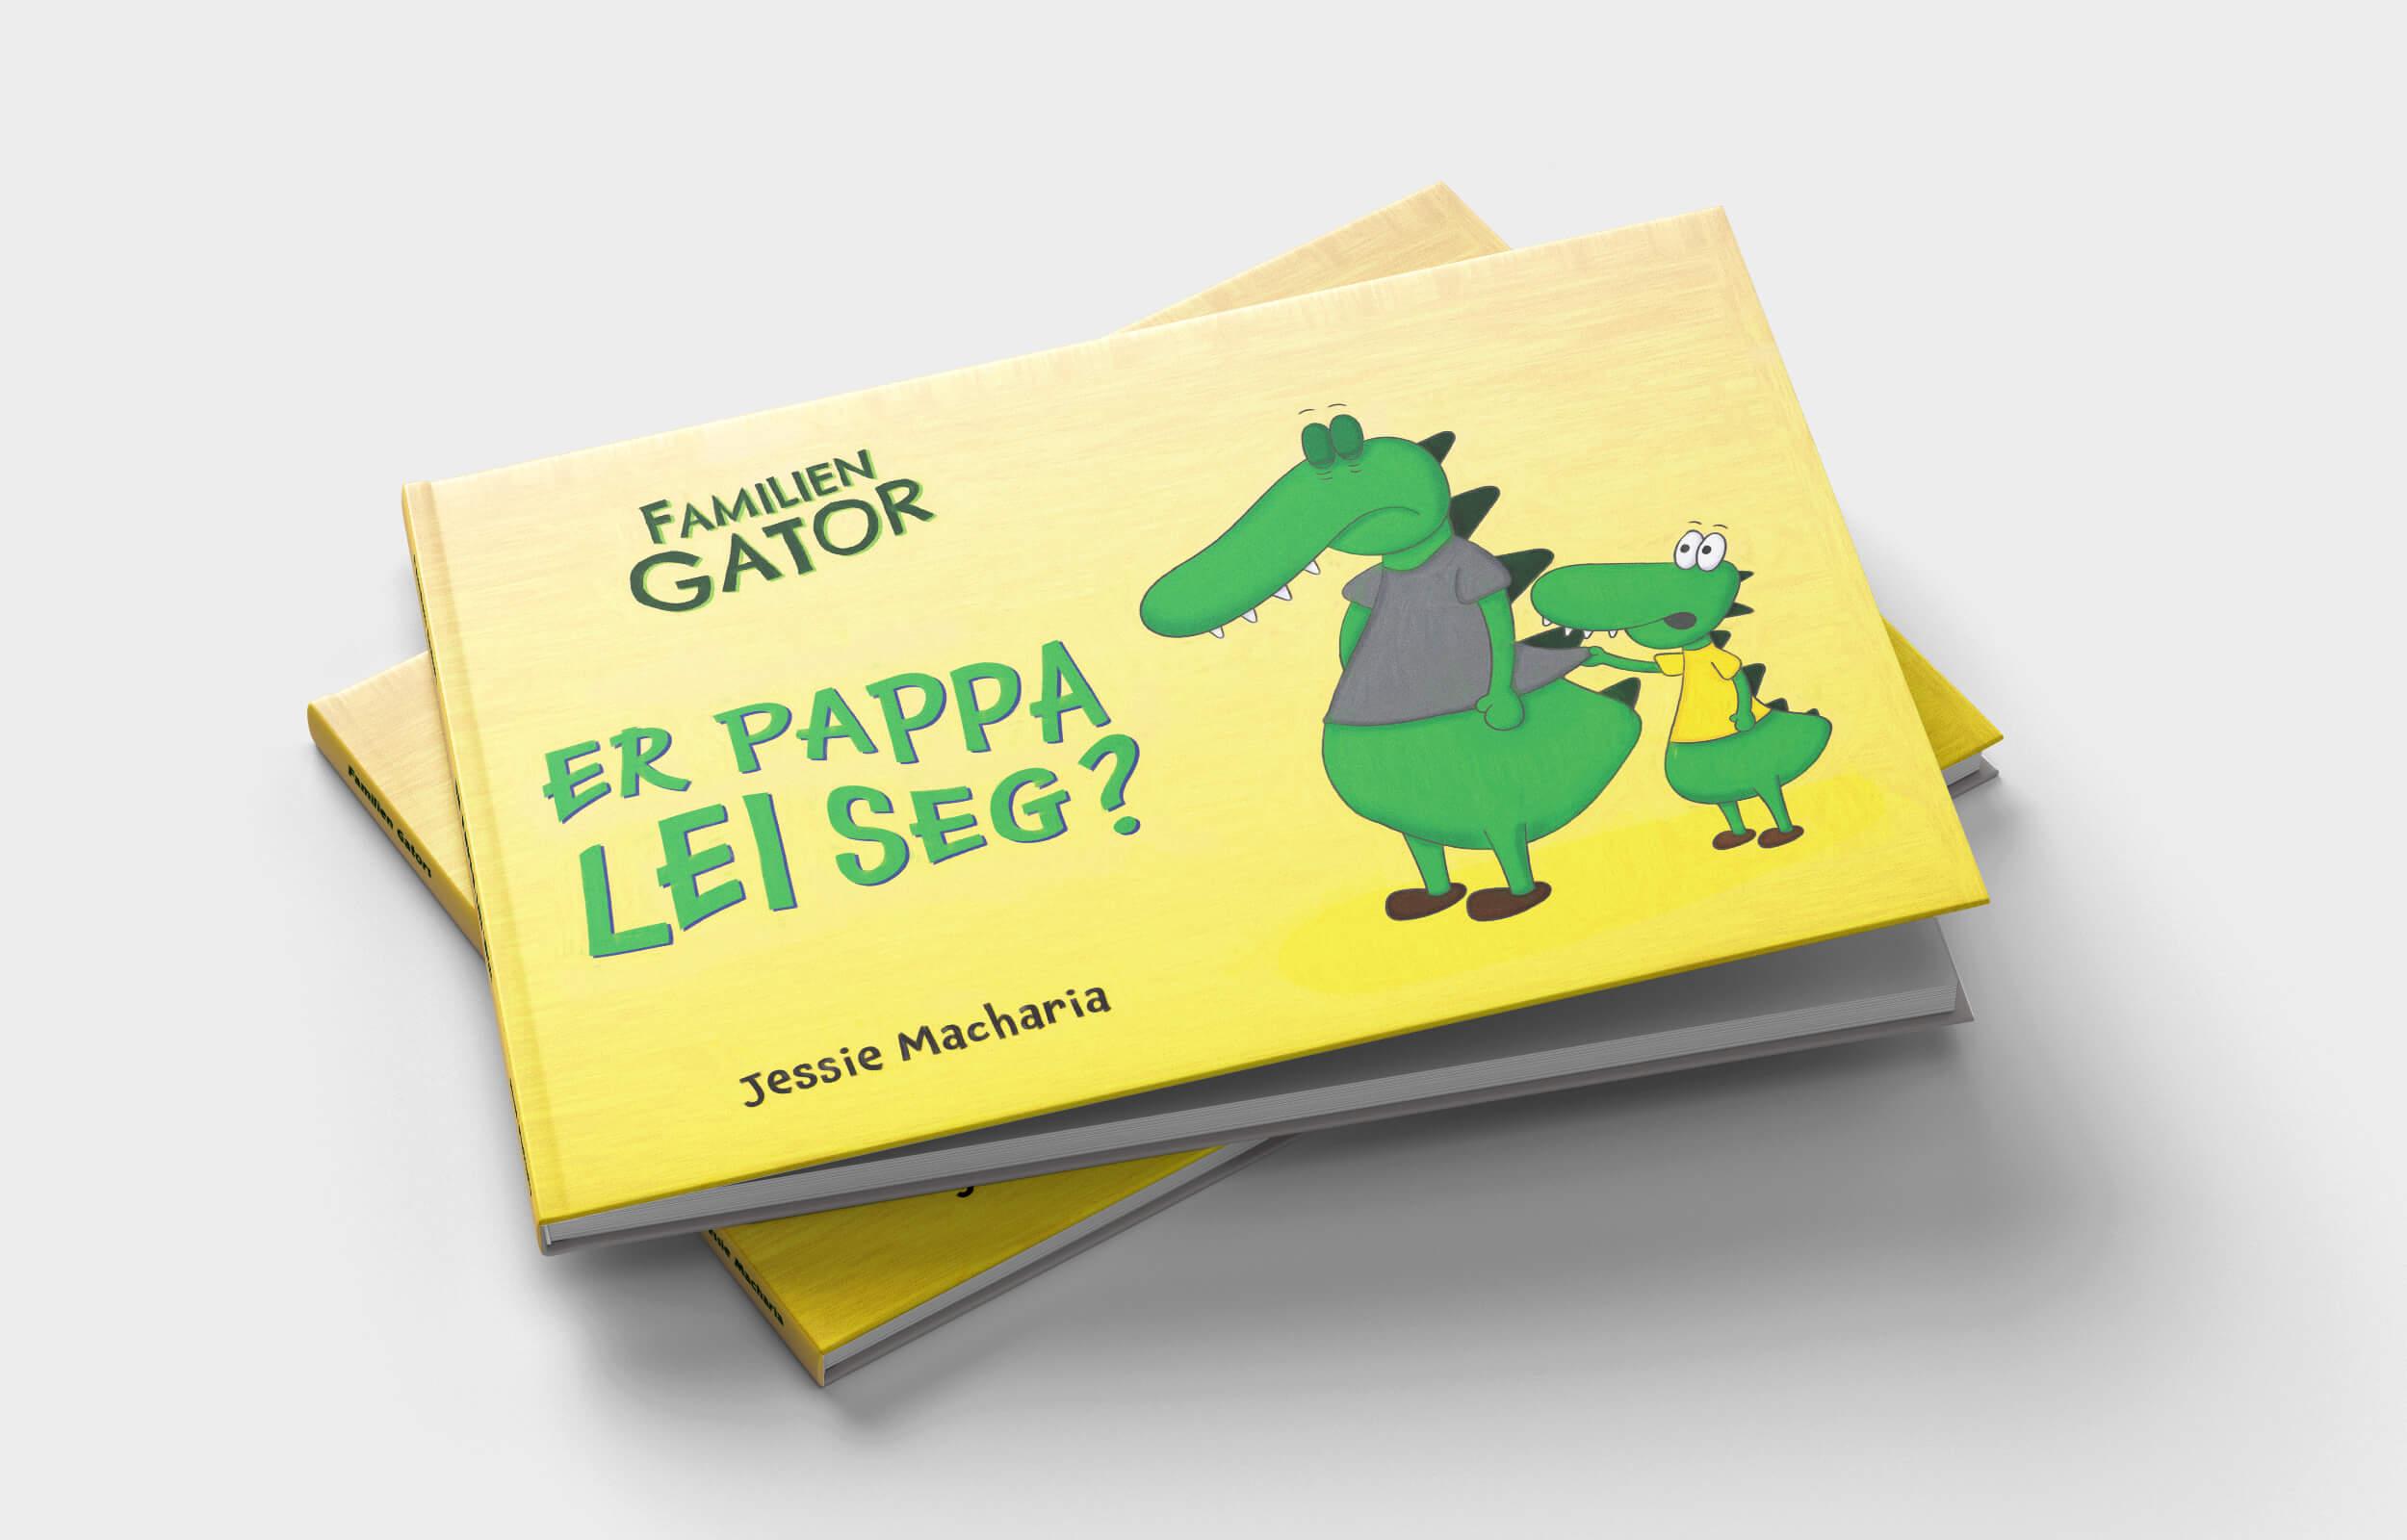 Westerdals Institutt for Kommunikasjon og Design - Familien Gator - Er Pappa Lei Seg?